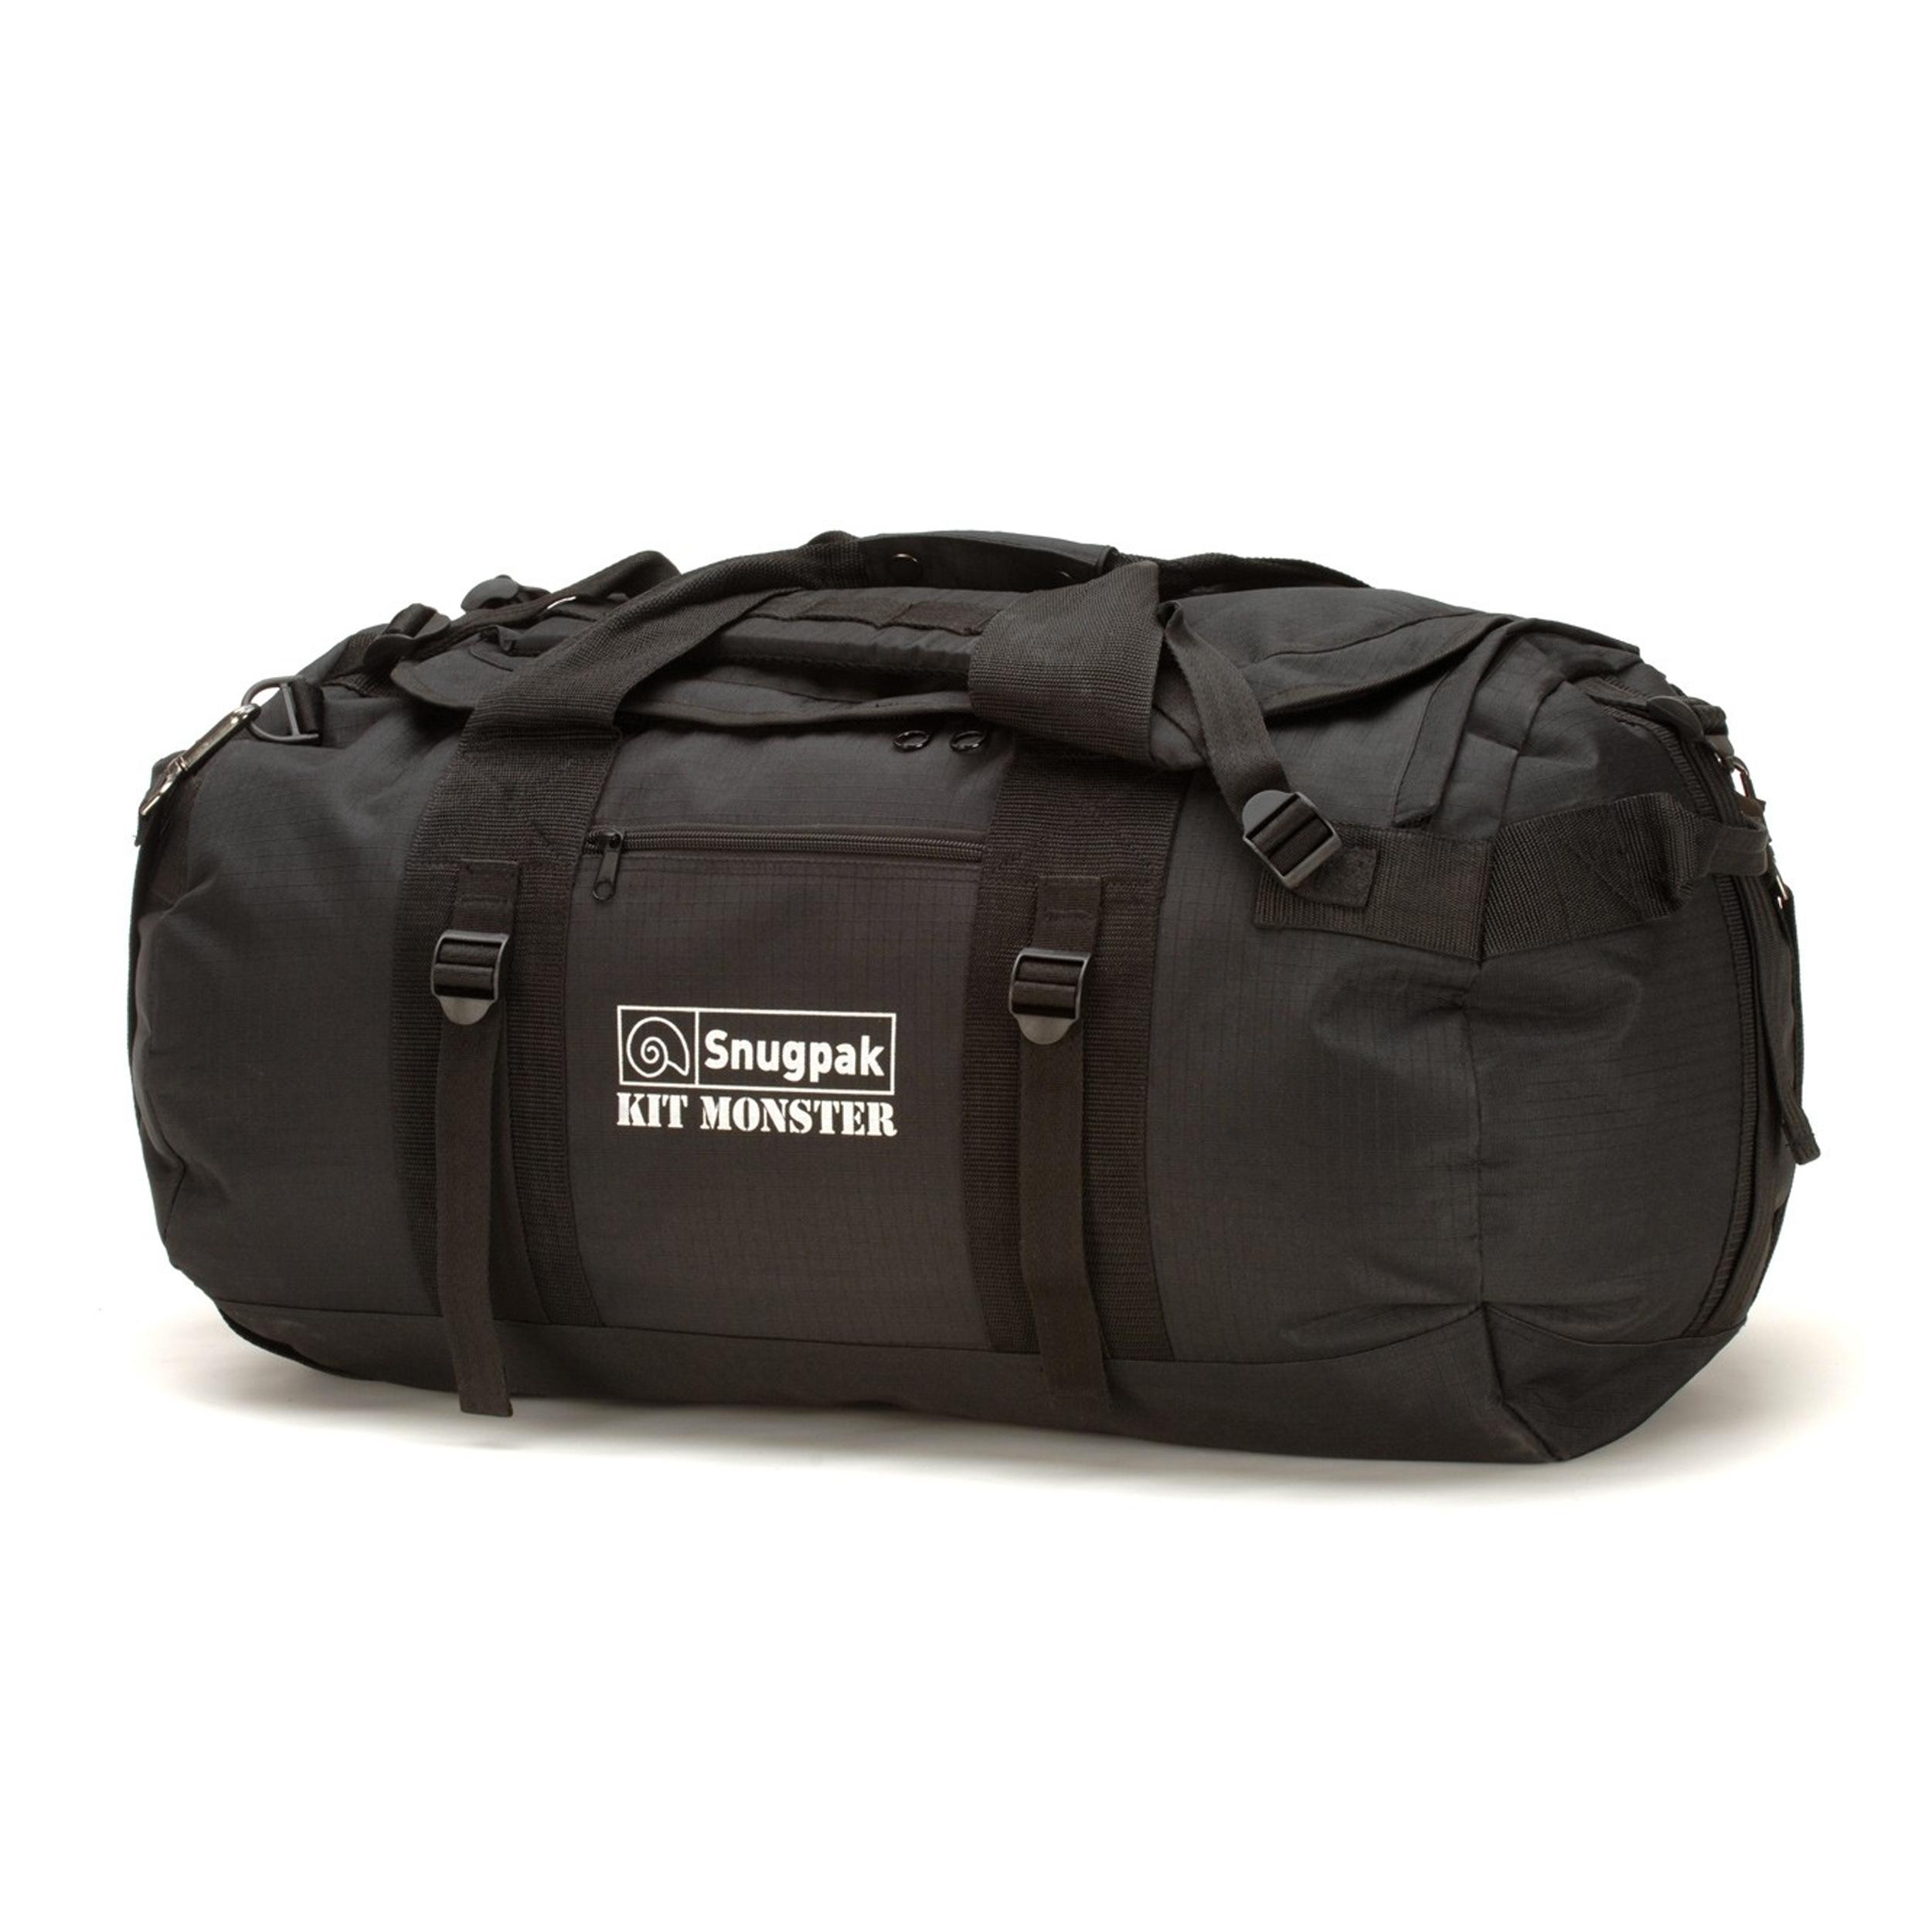 Snugpak Kit Monster Black 65L